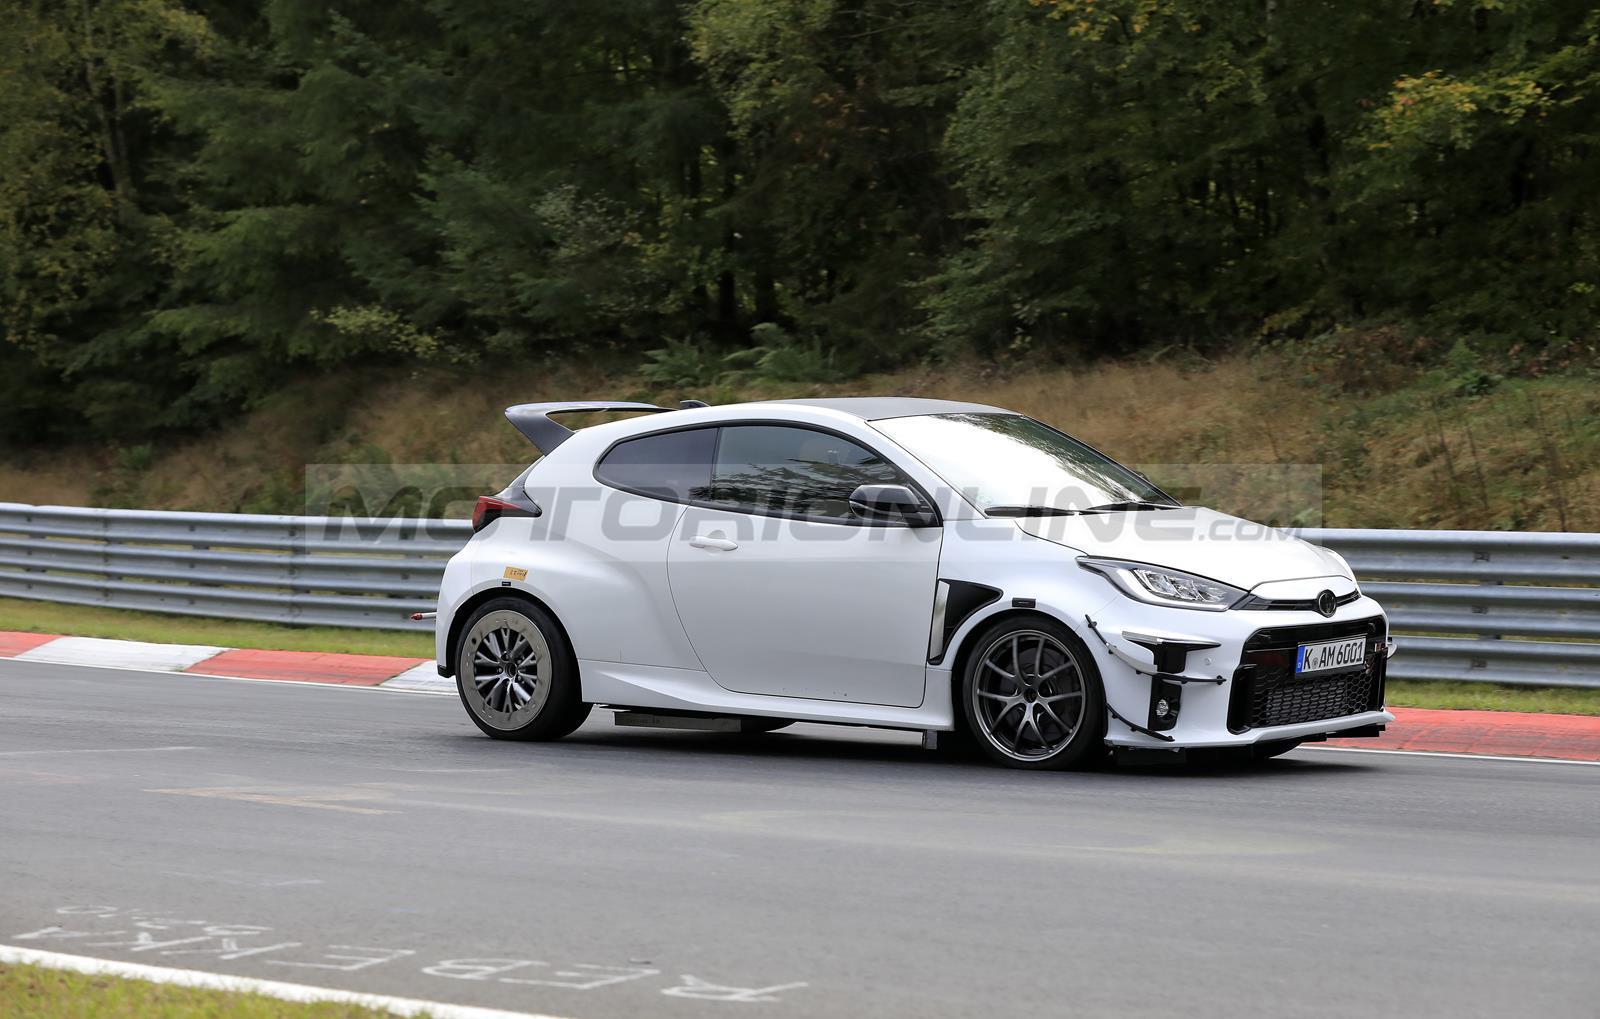 Toyota Yaris GR estrema - Foto spia 19-10-2020